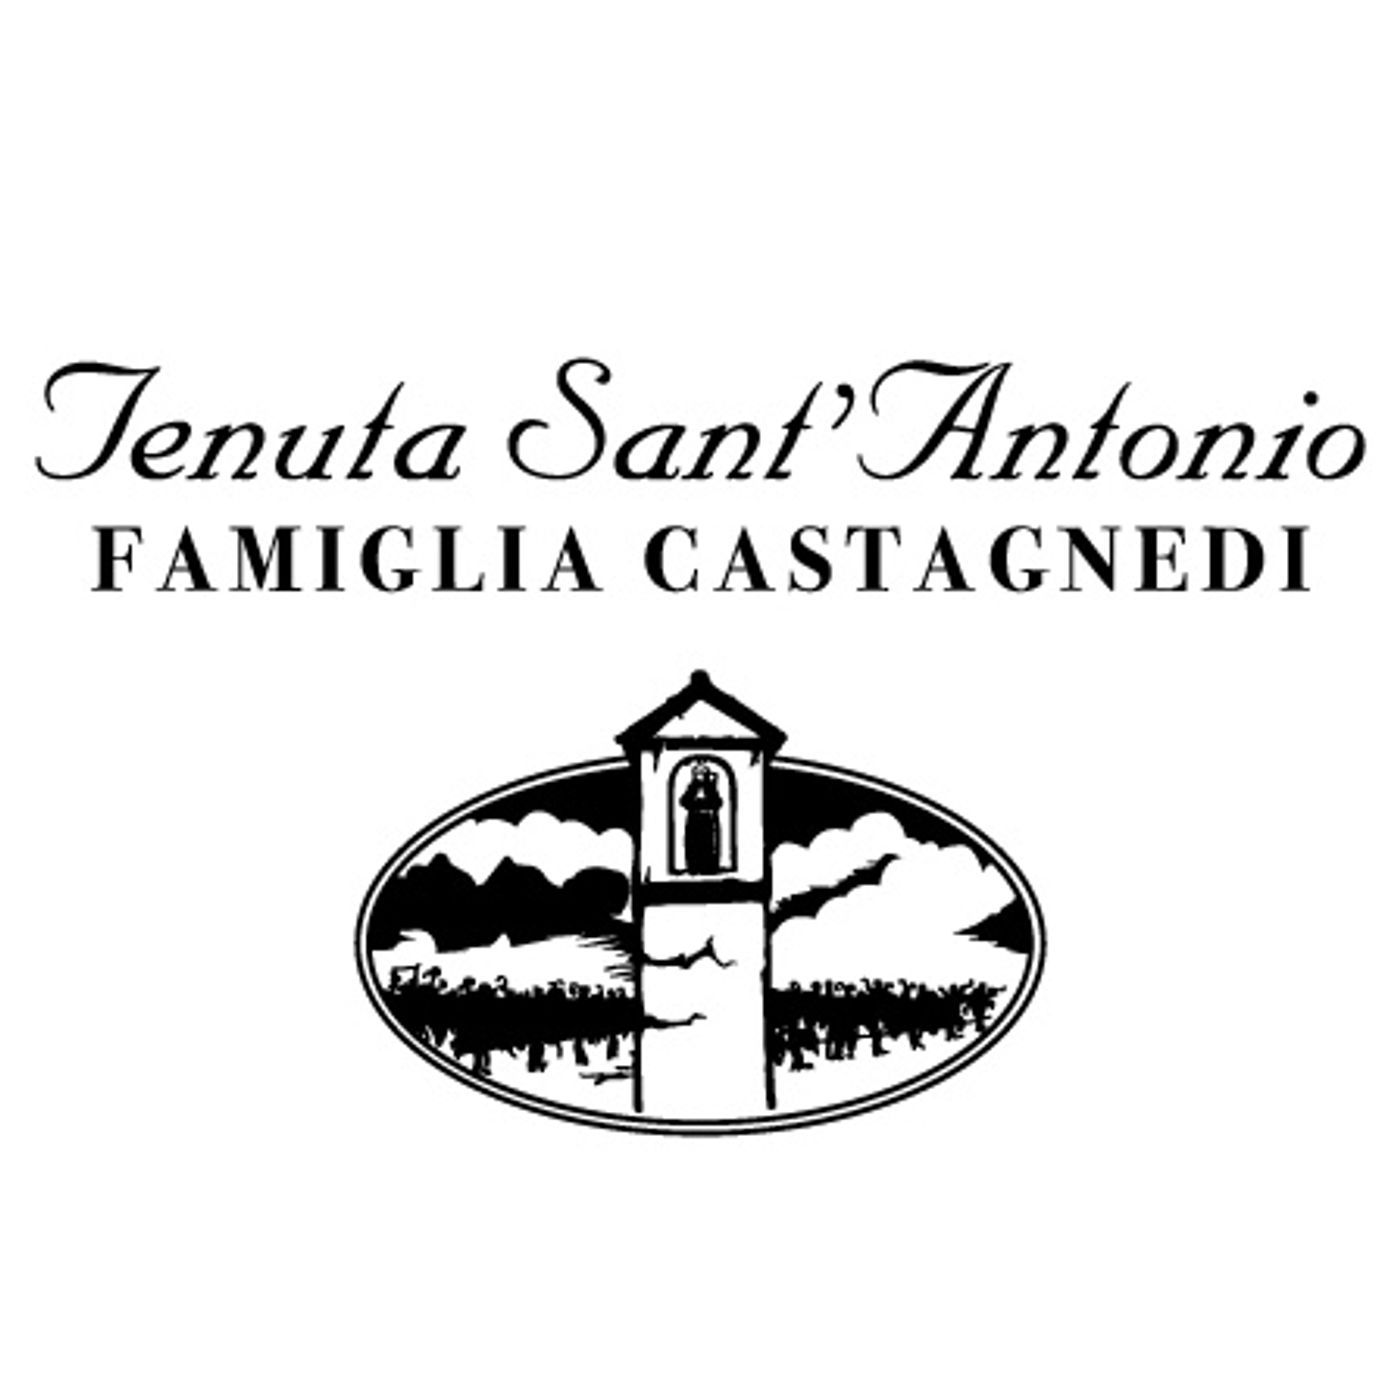 Italy -Tenuta Sant'Antonio - Armando Castagnedi